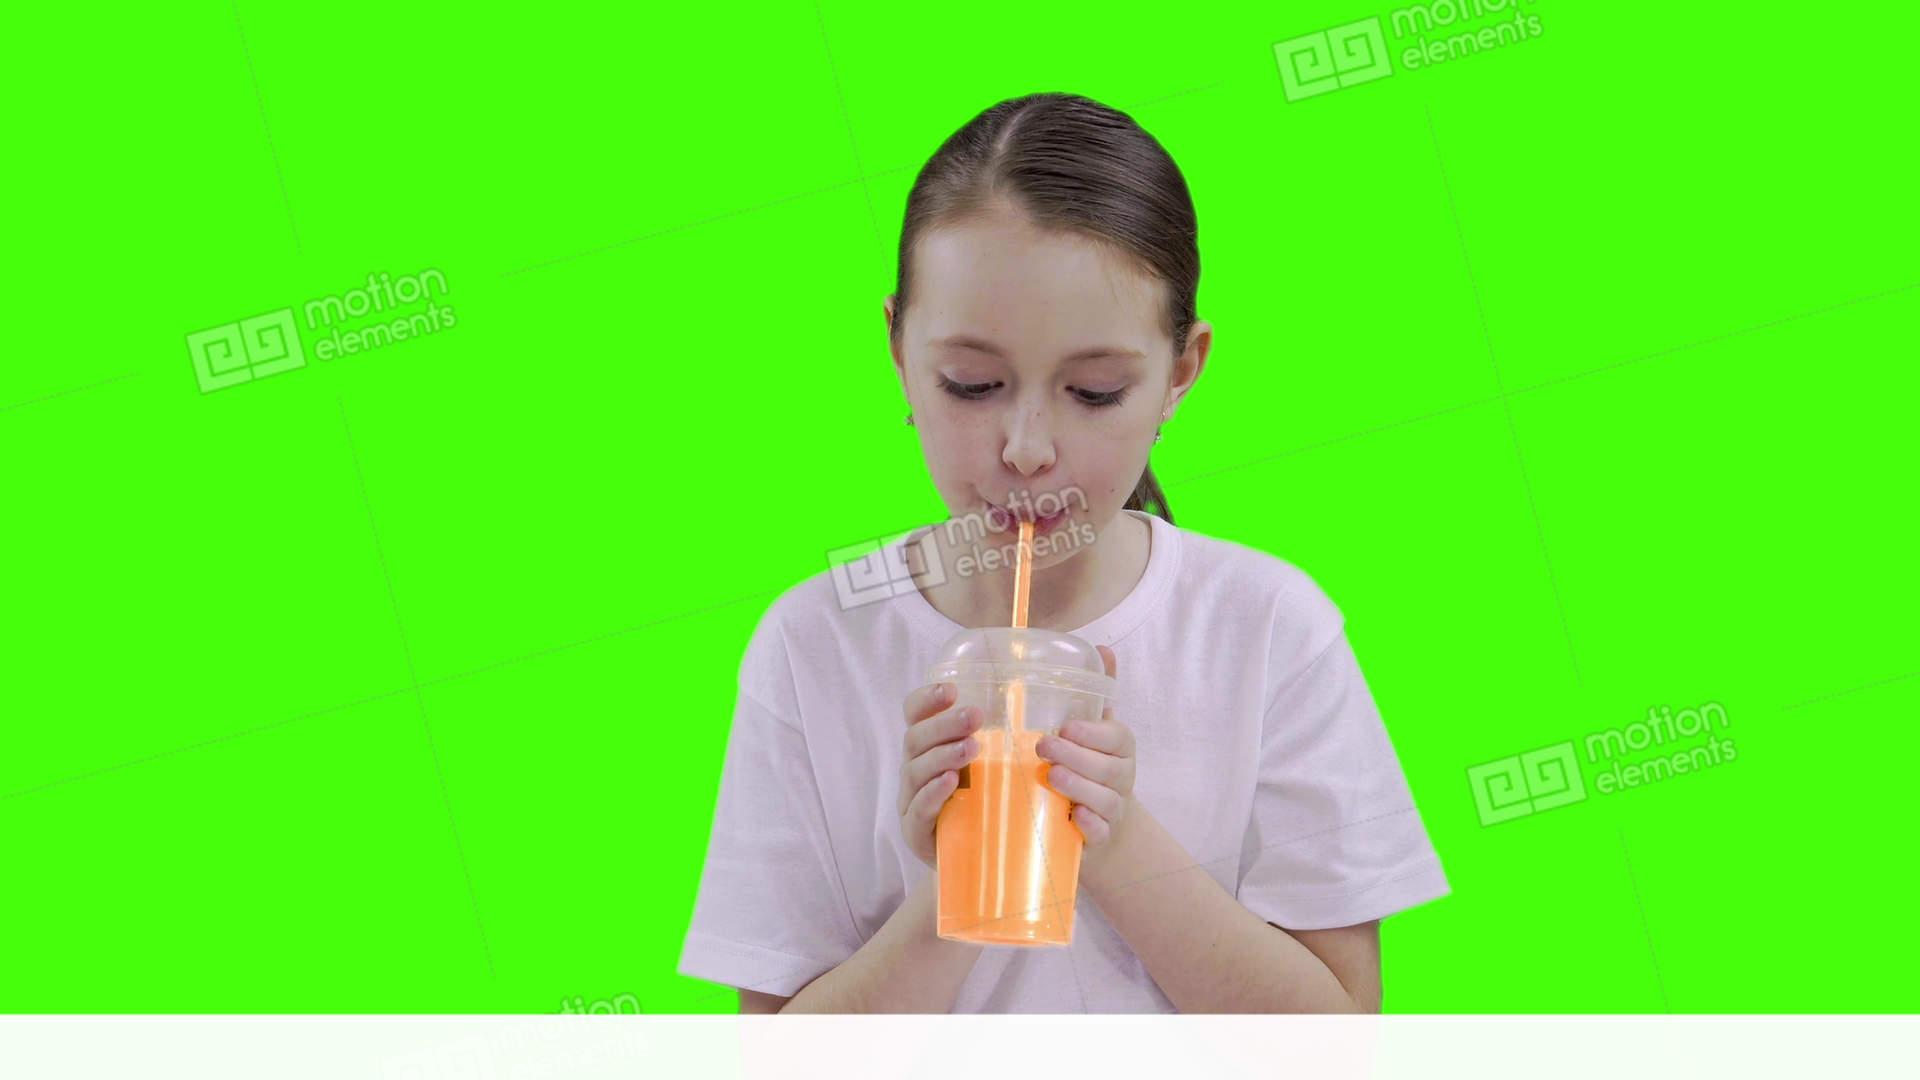 Girls drinking cum through a straw this rather